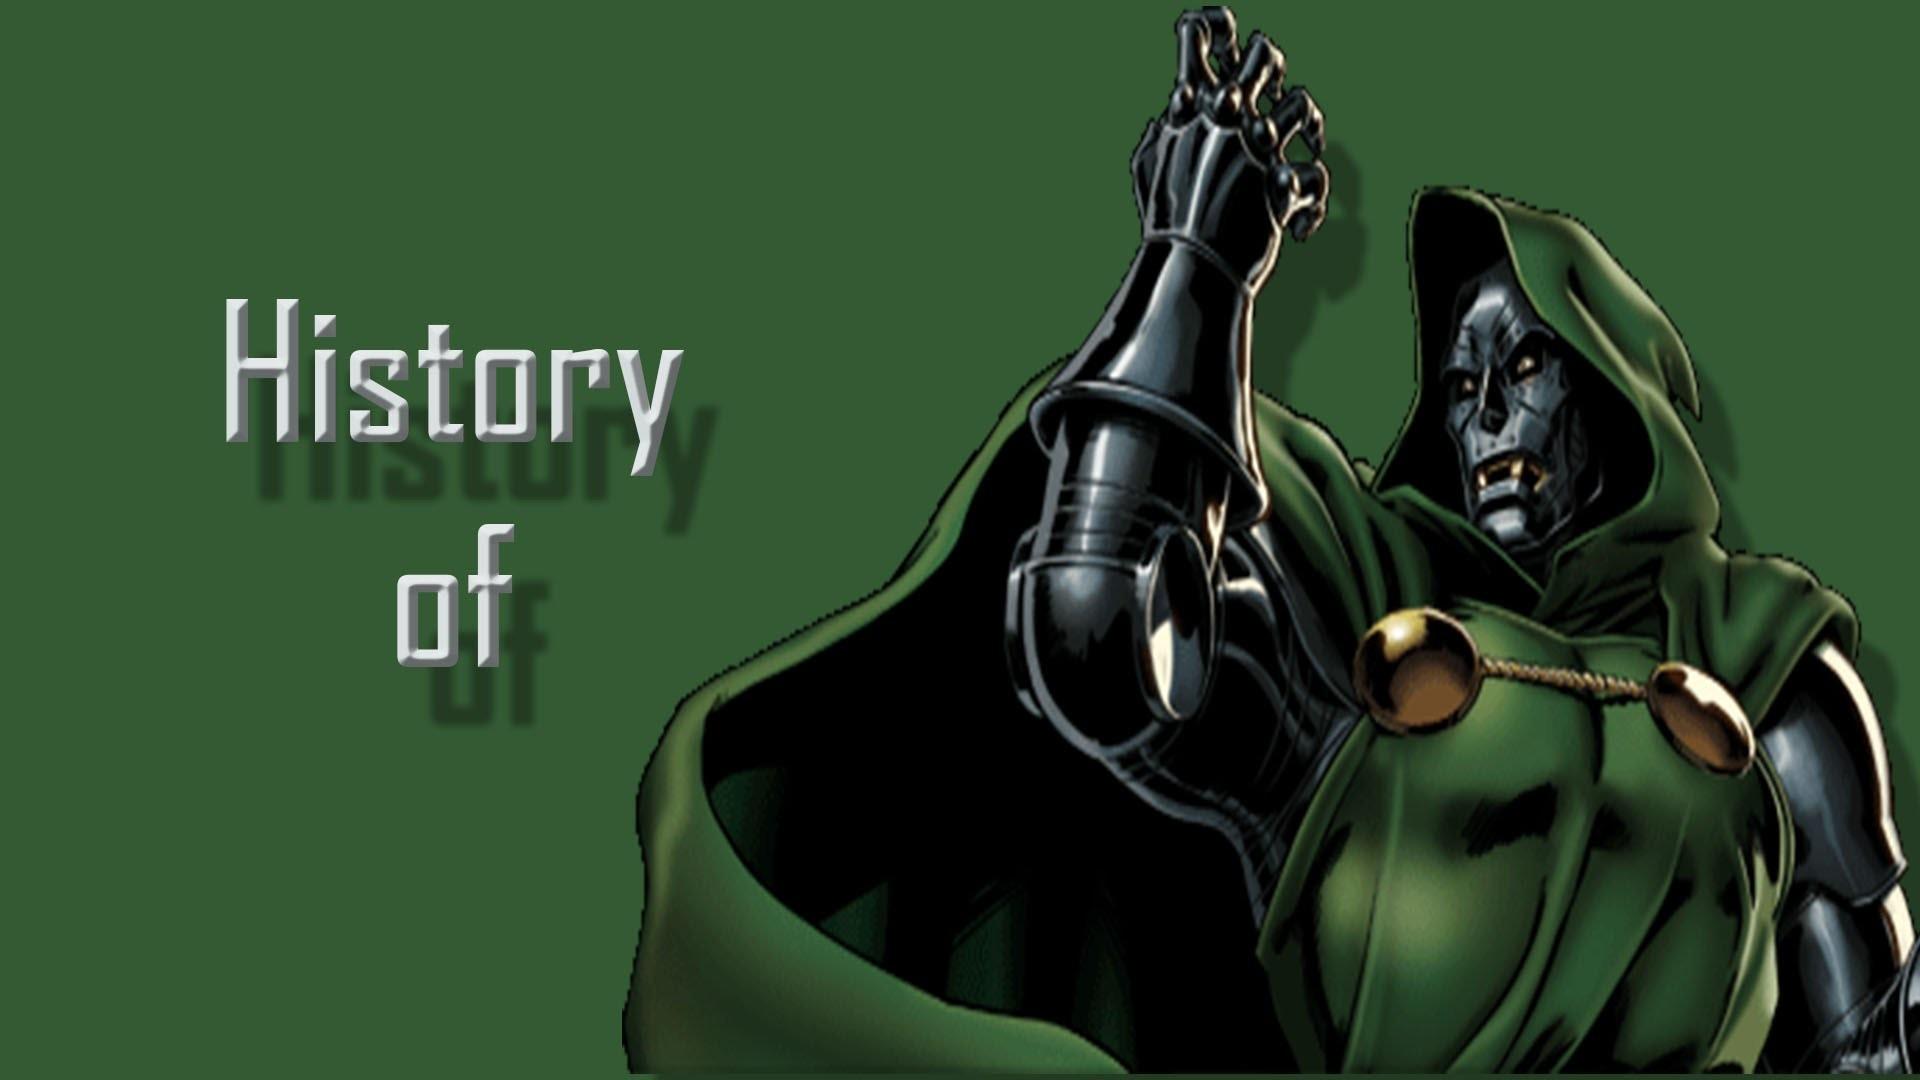 History of Doctor Doom